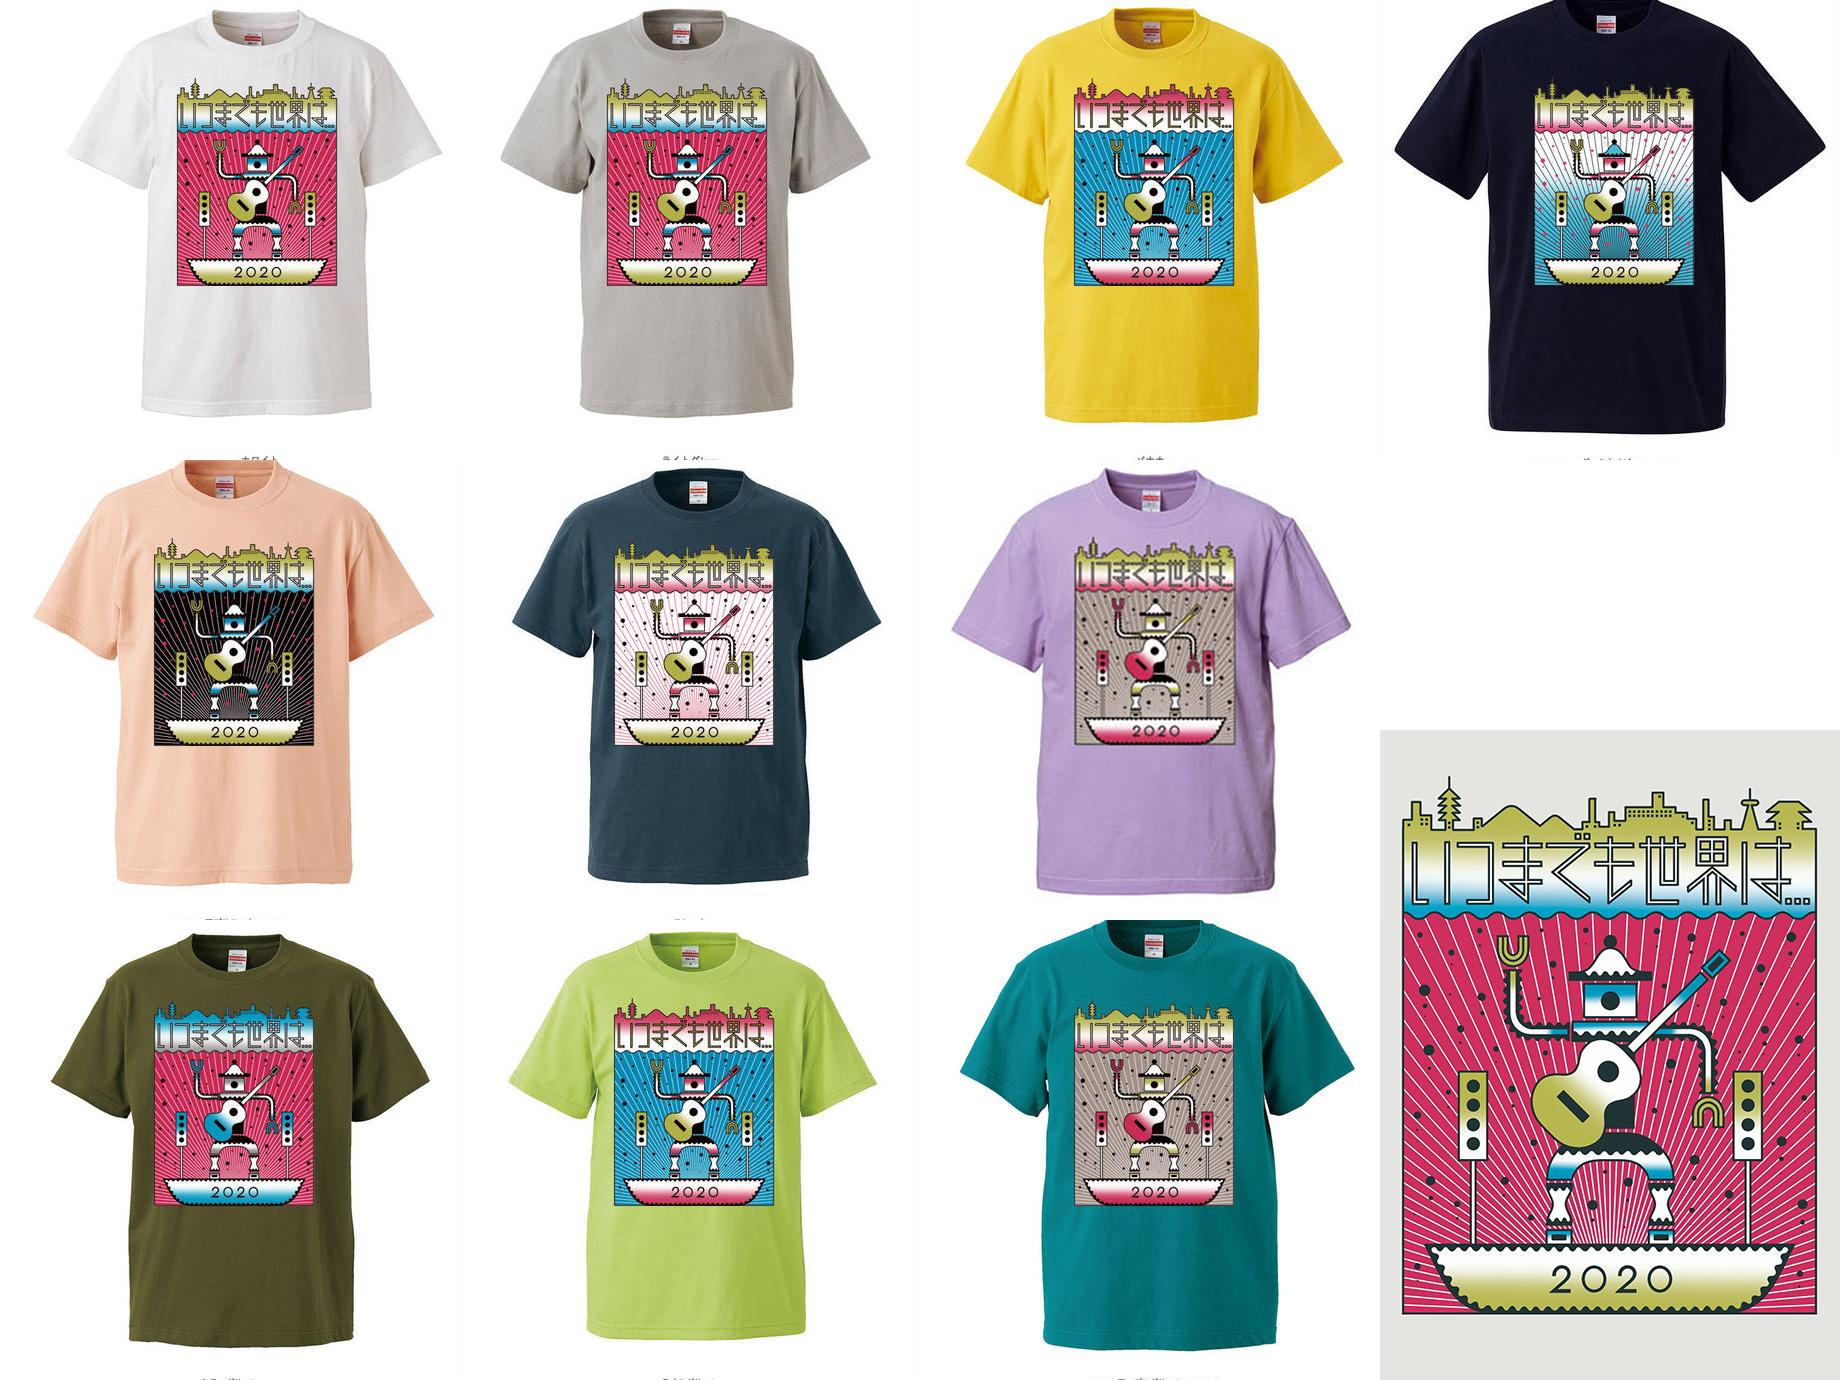 いつまでも世界は...第九回 公式Tシャツデザイン